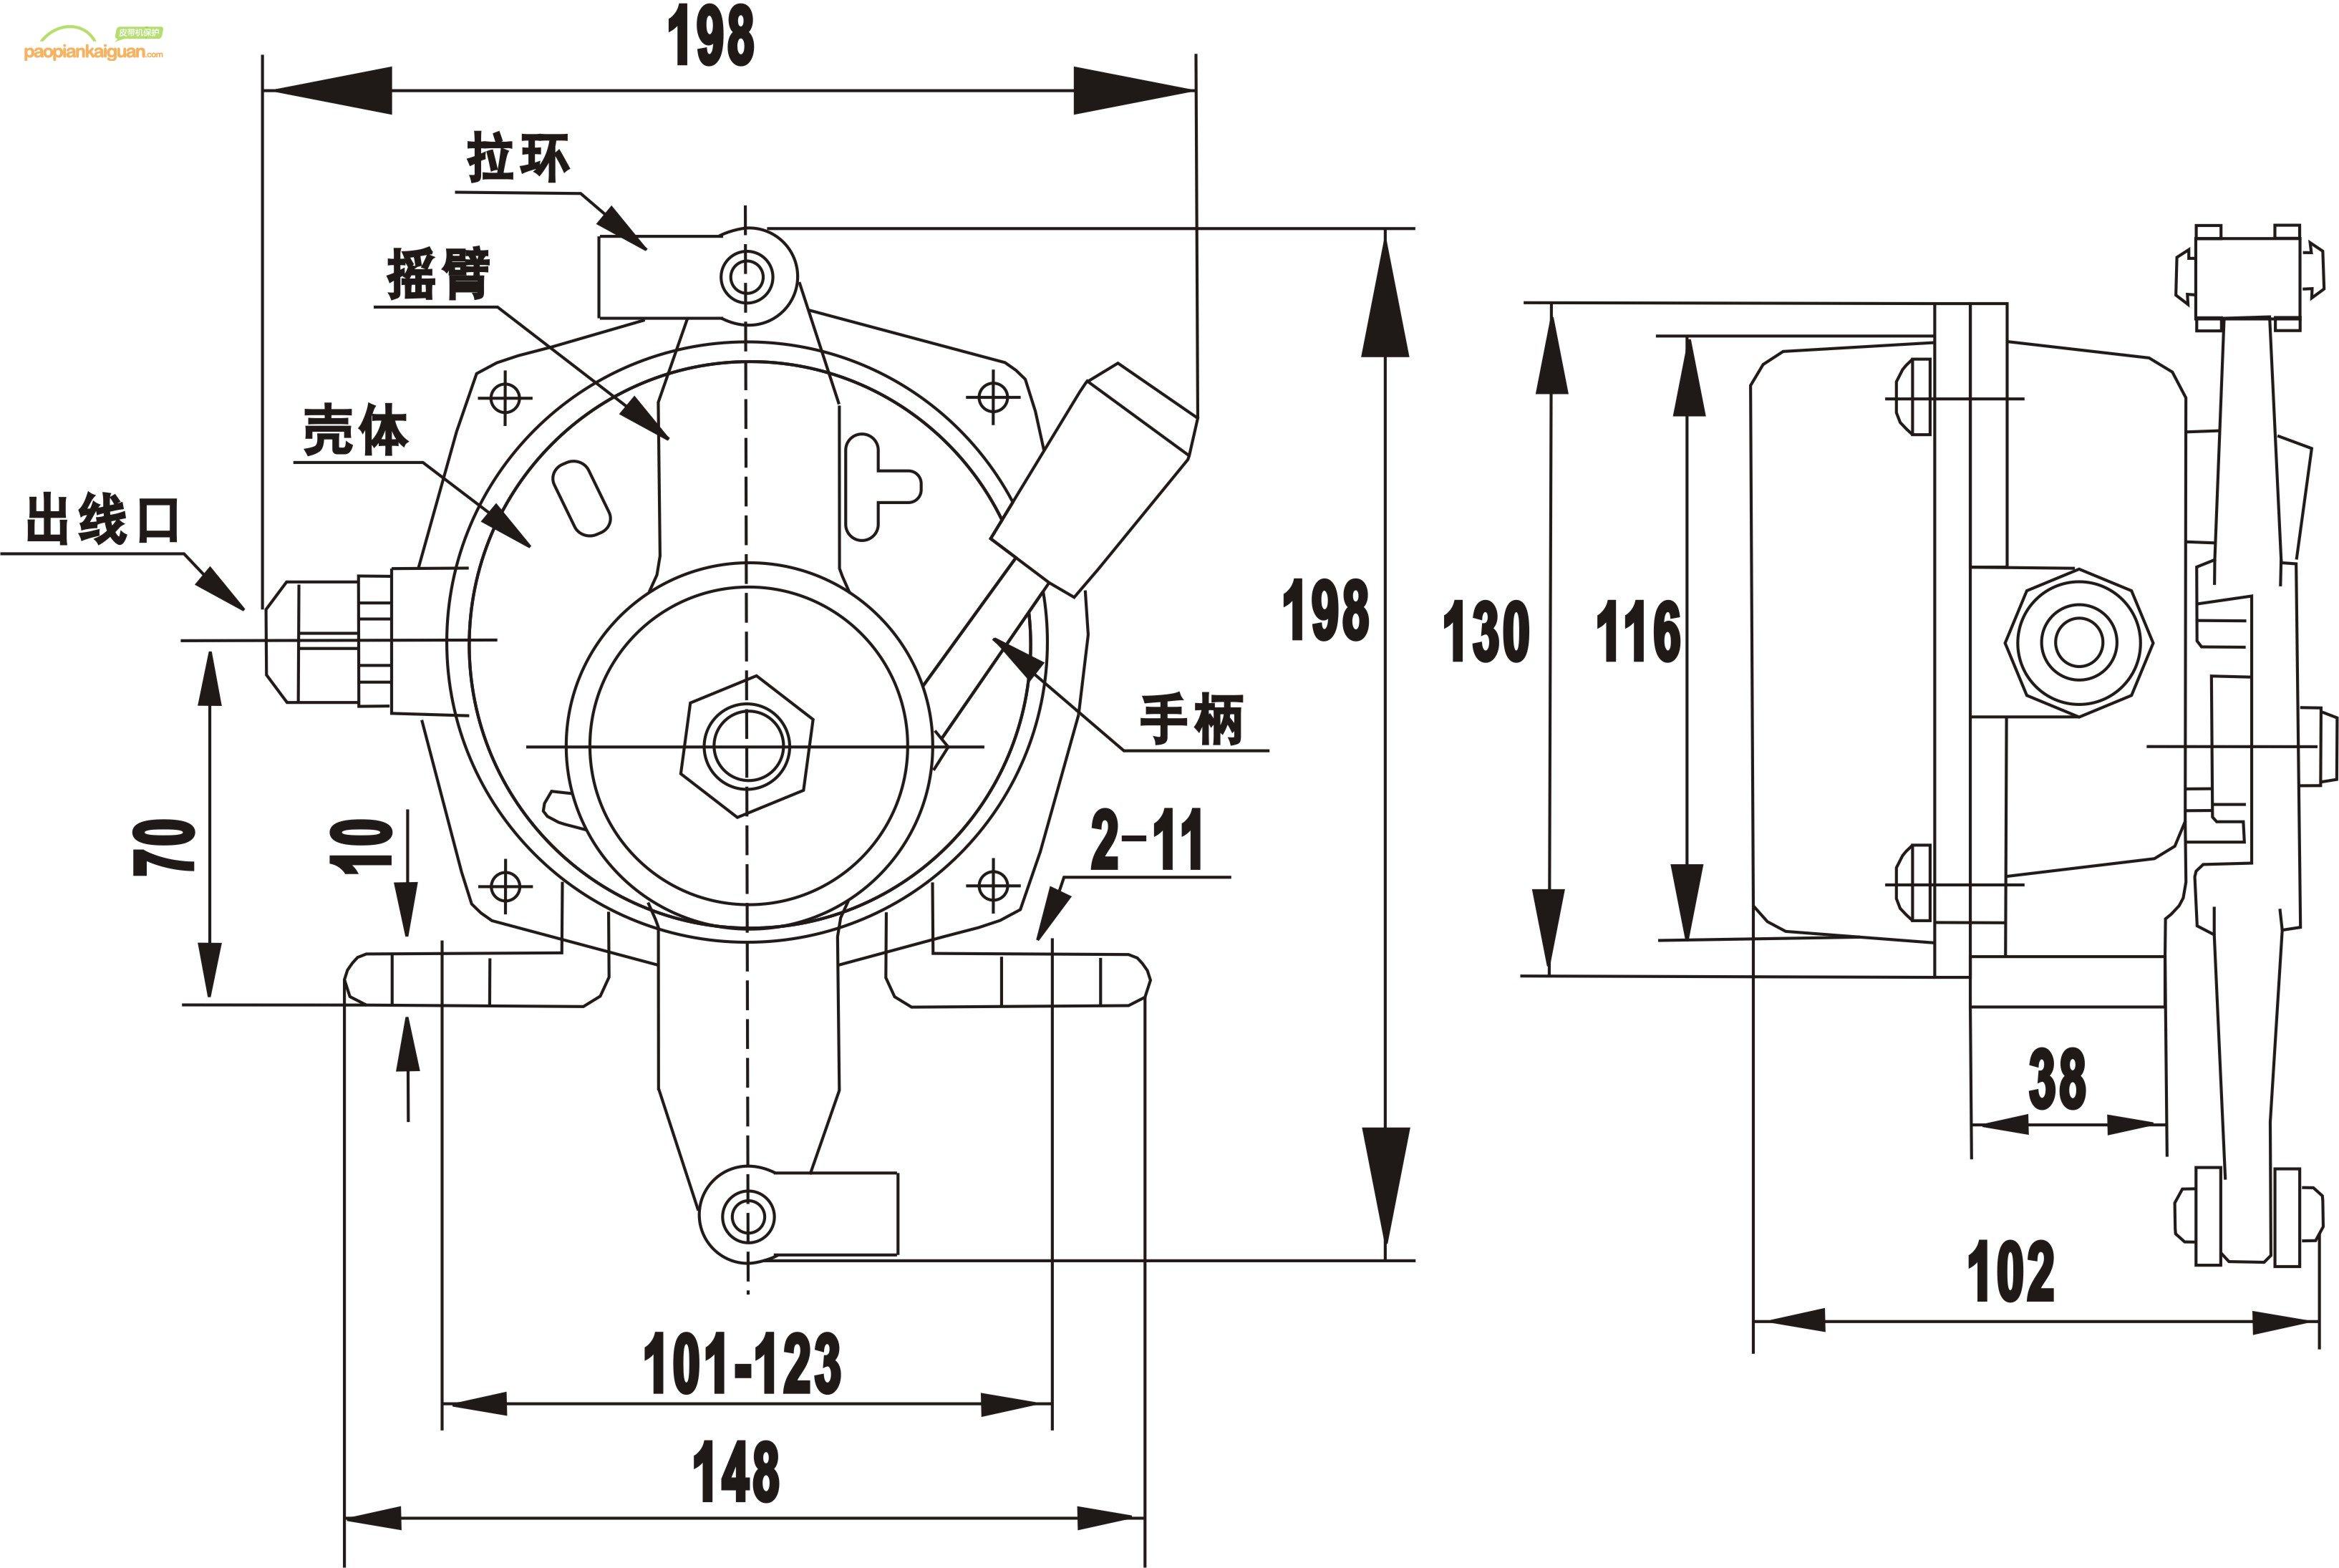 HFKLT2-I手动复位型拉绳开关组成结构尺寸图